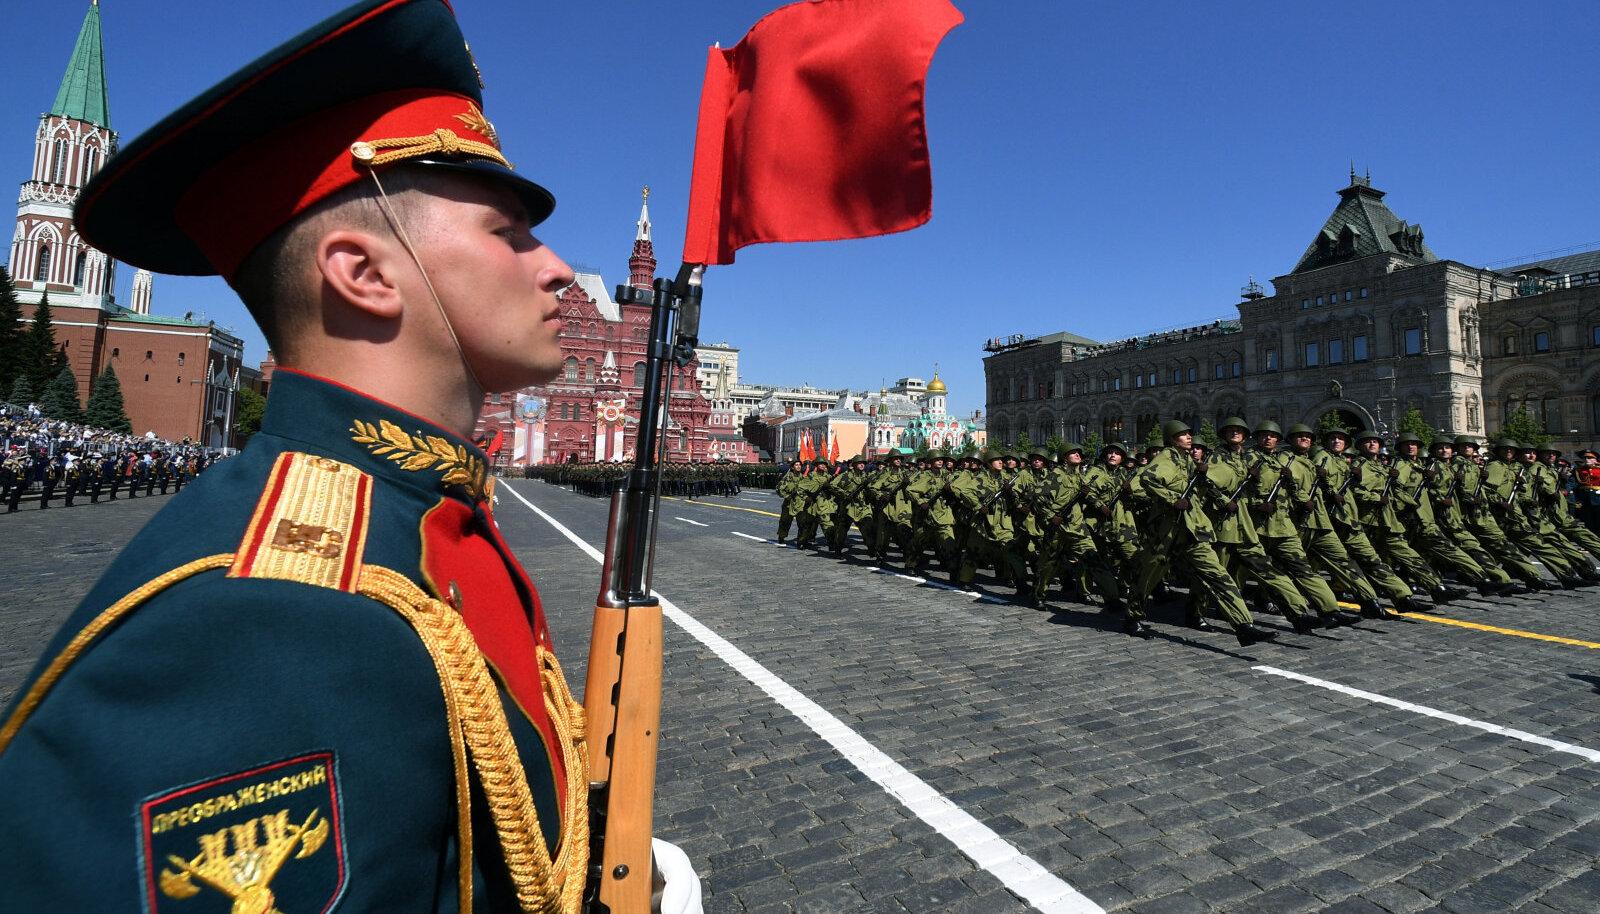 Nn Putini võiduparaad 24. juunil 2020 Moskvas